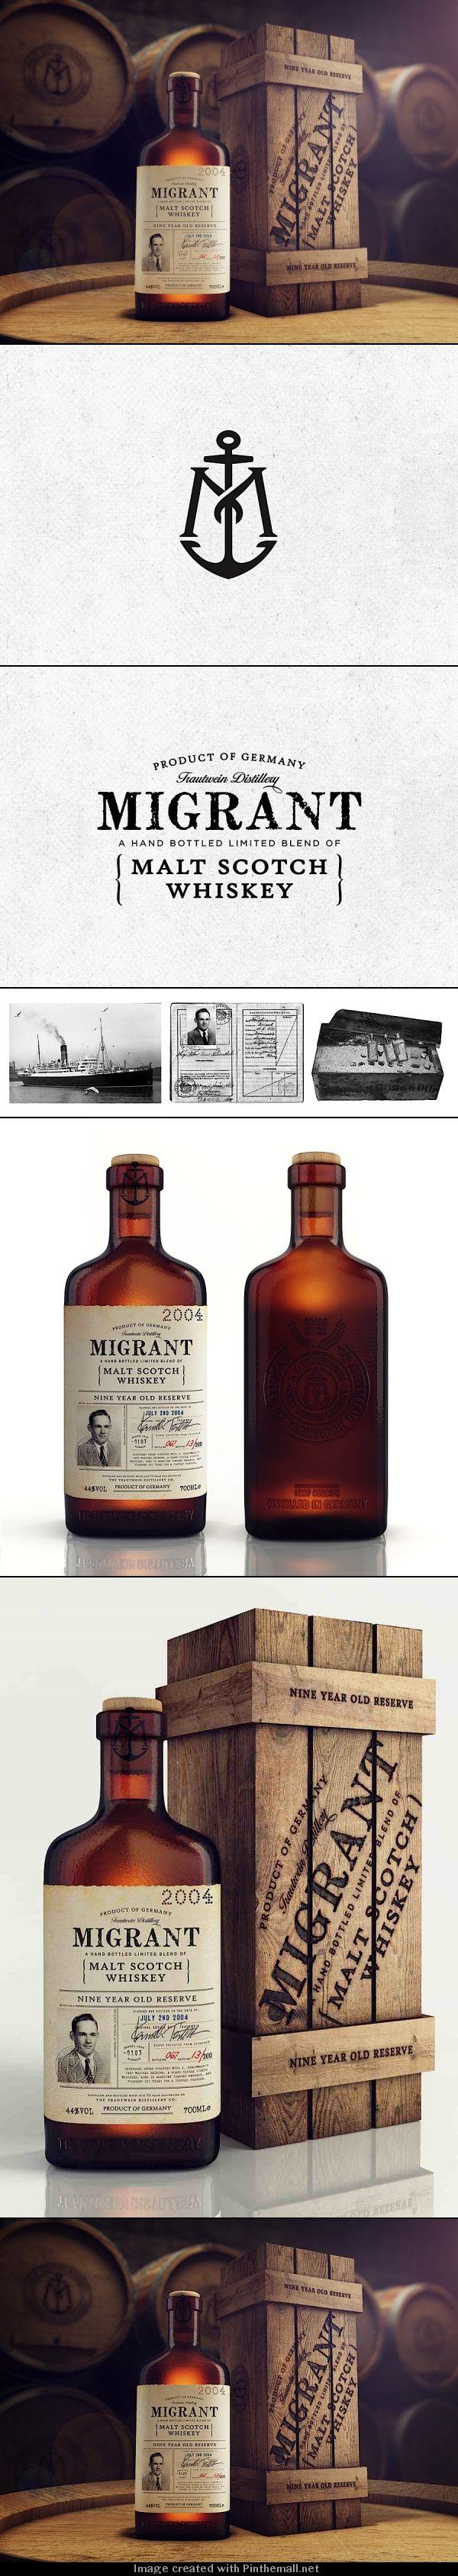 migrant malt scotch whiskey